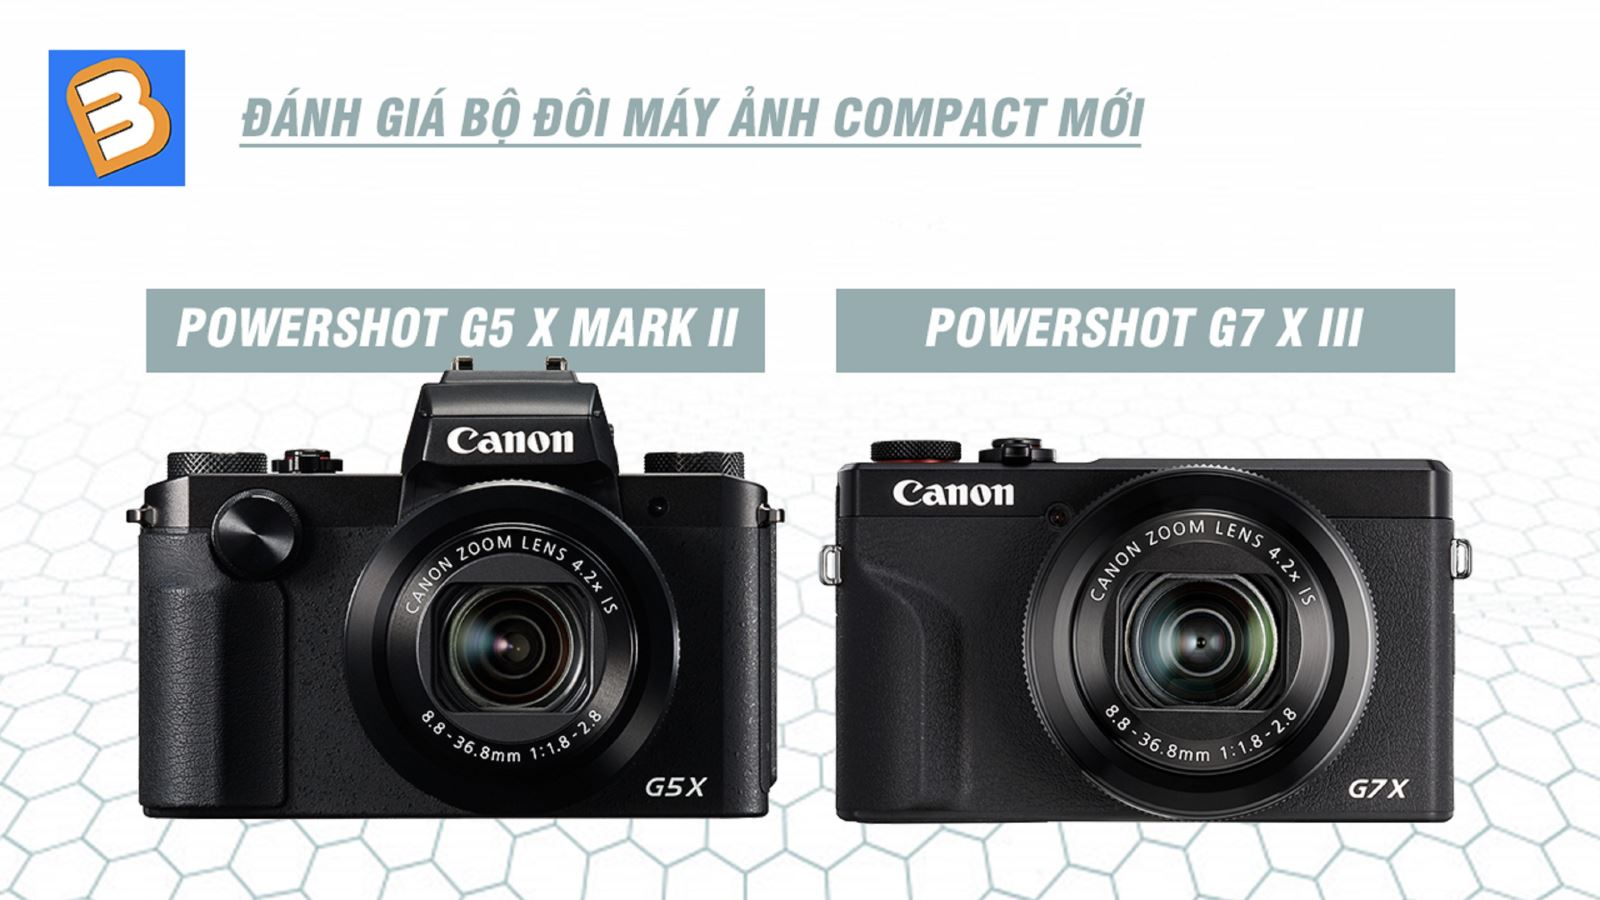 Đánh giábộ đôi máy ảnh compact mới: PowerShot G5 X Mark II và PowerShot G7 X III